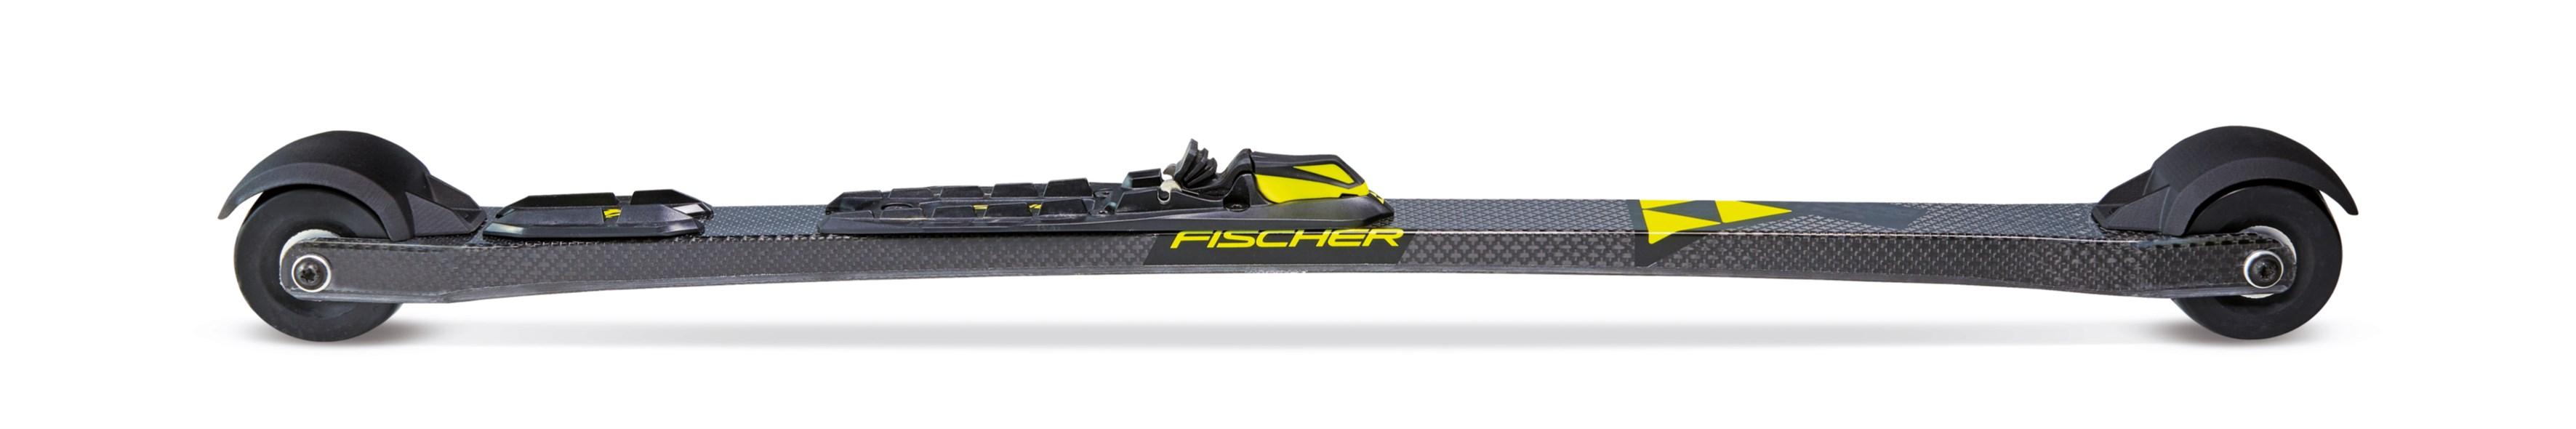 Fischer Speedmax Classic - Model Saison 21/22